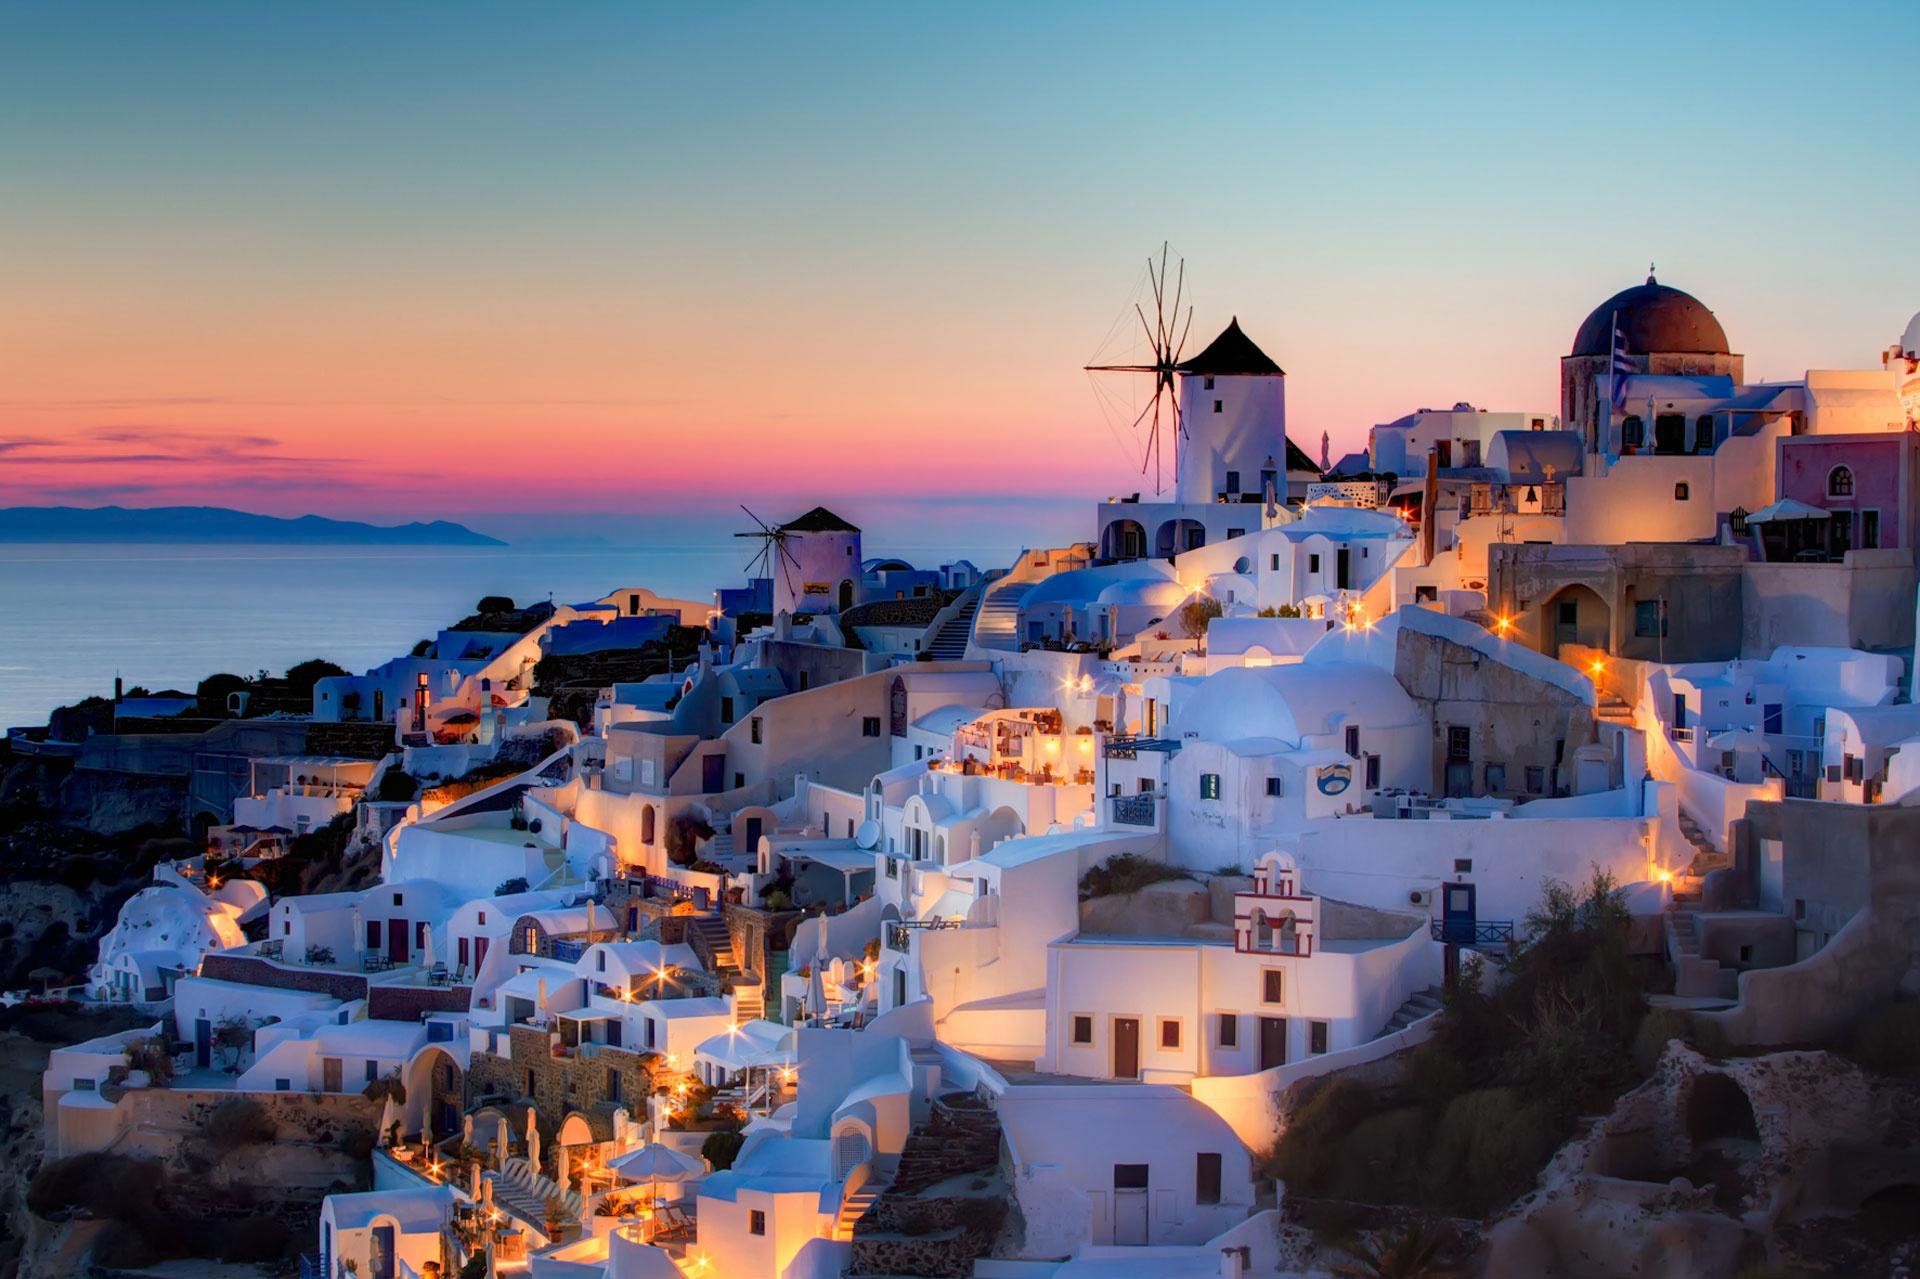 欧洲旅游巨头延期支付 希腊酒店业雪上加霜